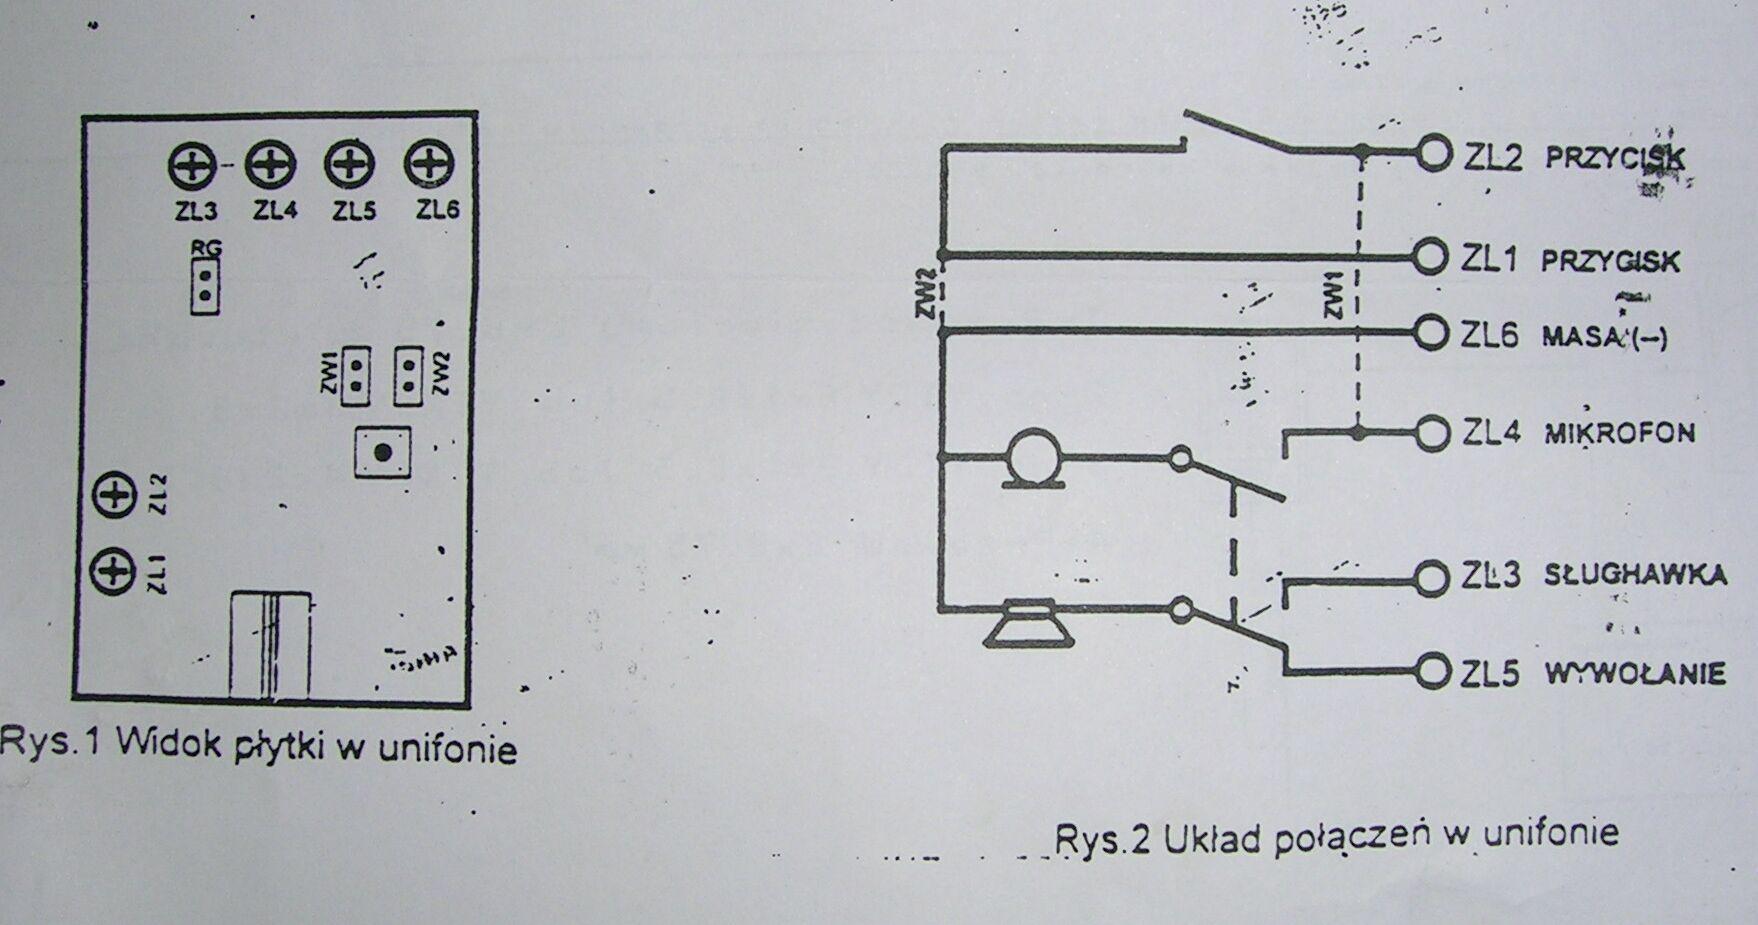 URMET 1140 - Wymiana domofonu, jak pod��czy� kabelki?